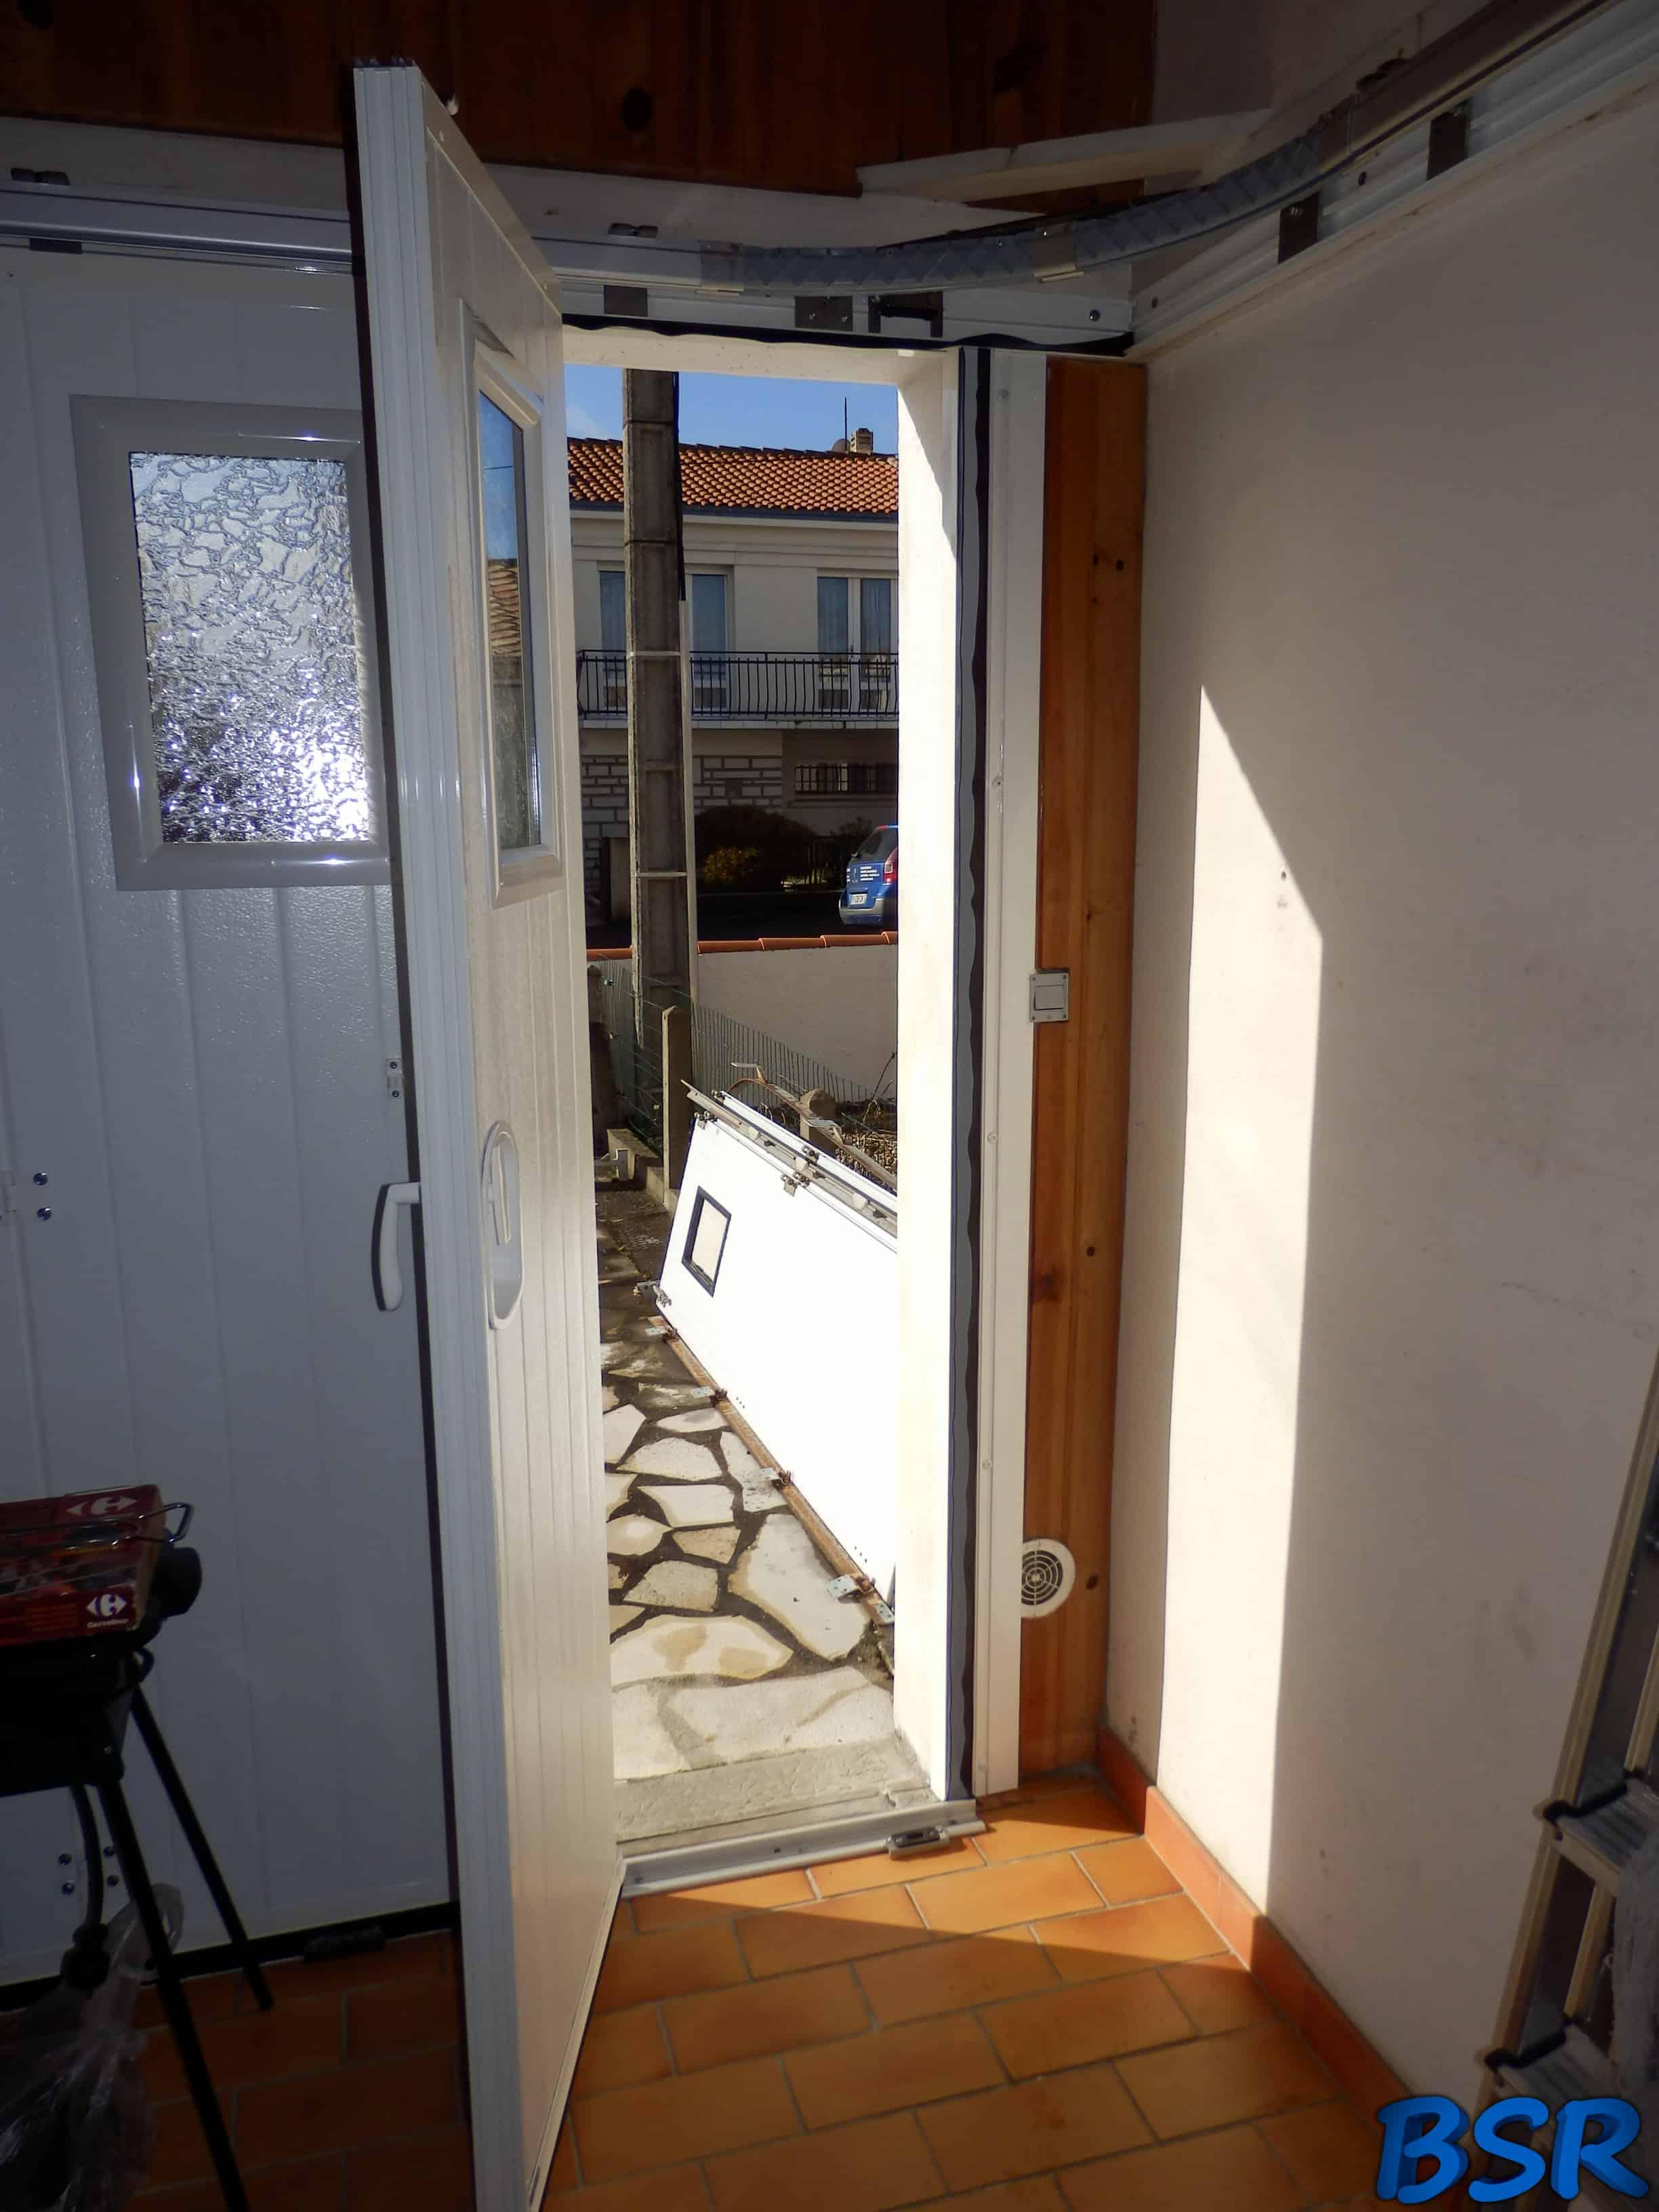 Porte Coulissante Latérale BSR 003